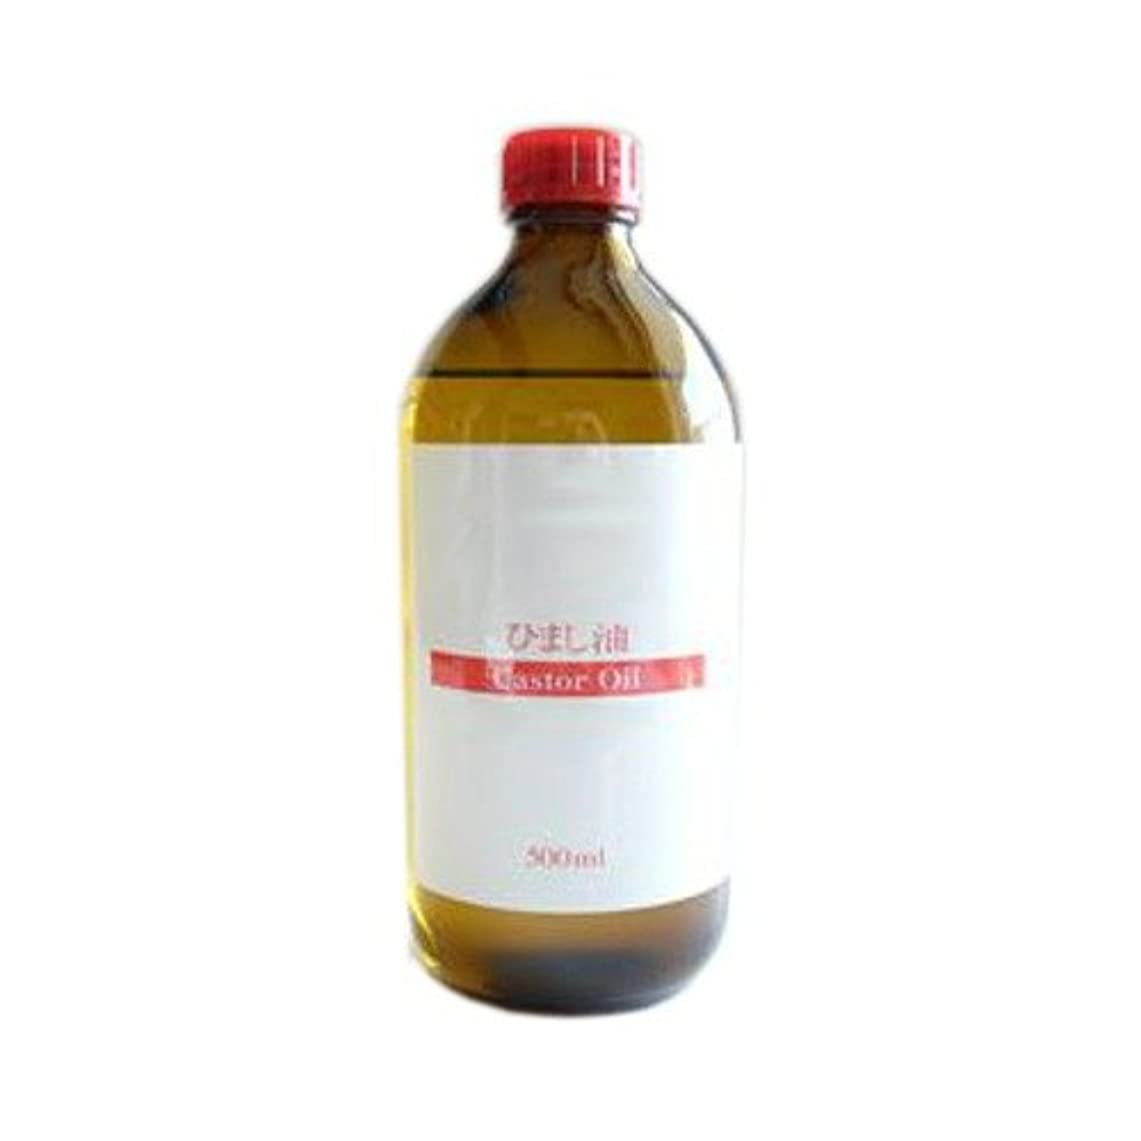 絶えず溝実行可能ひまし油 (キャスターオイル) 500ml